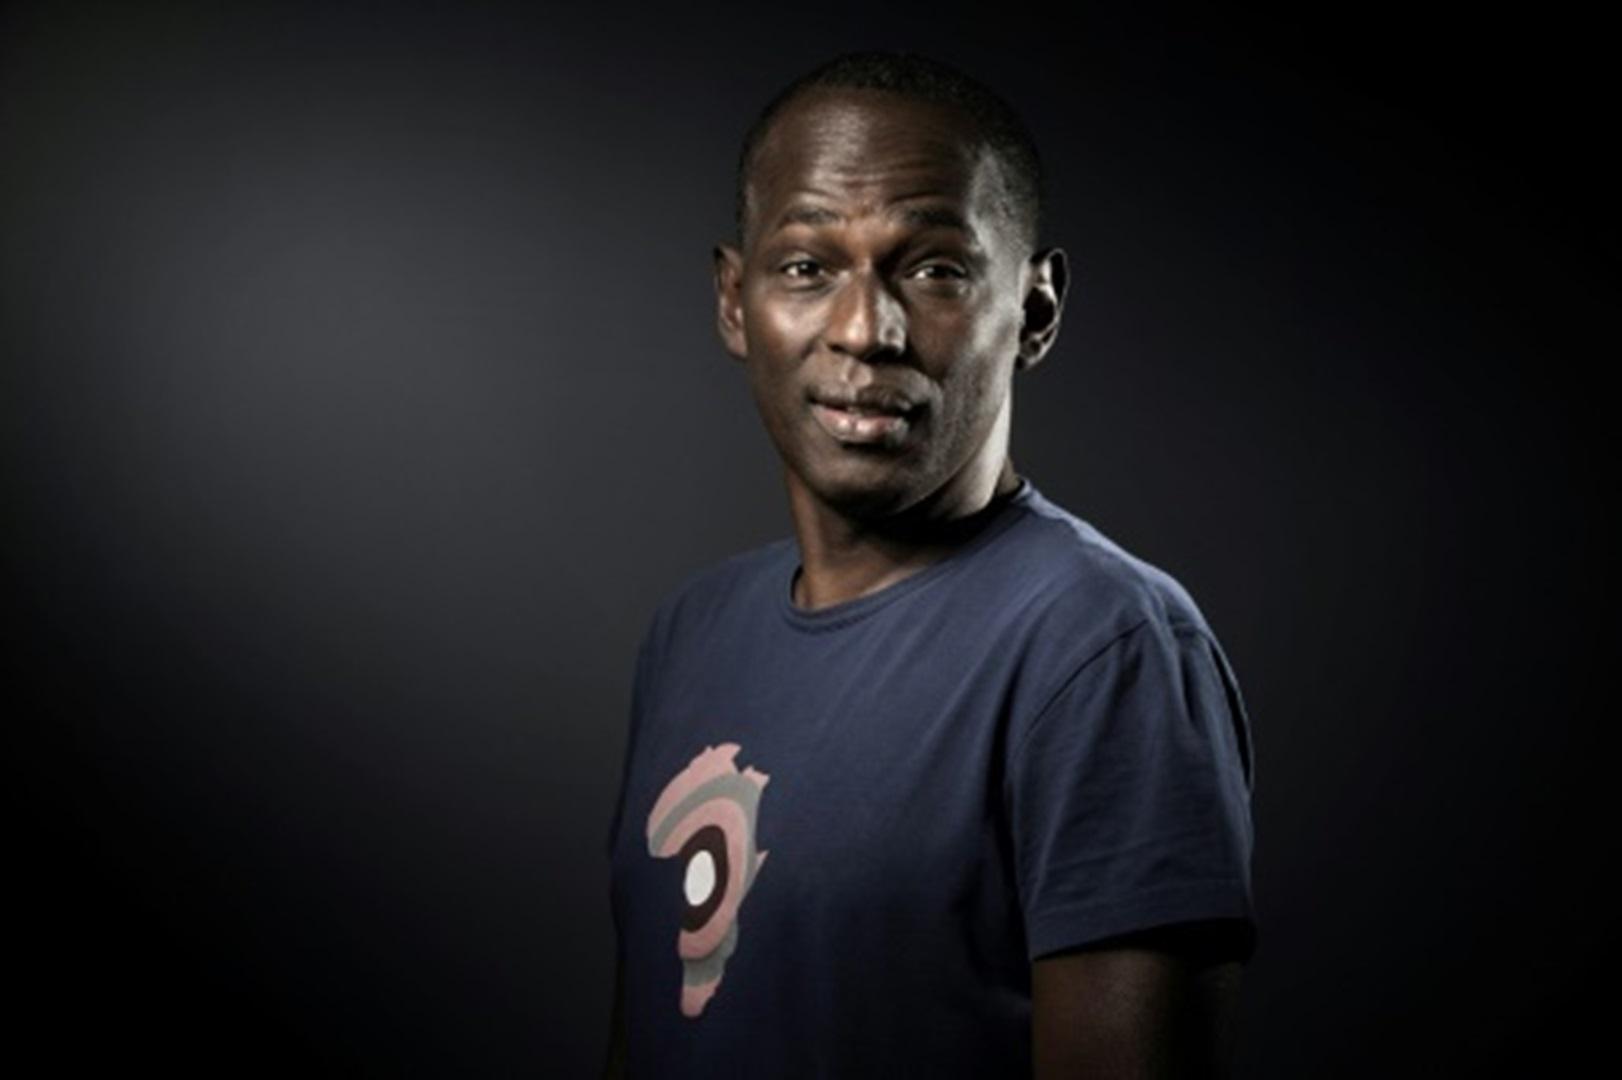 International : Le chroniqueur de RFI, Mamane fait ambassadeur de bonne volonté